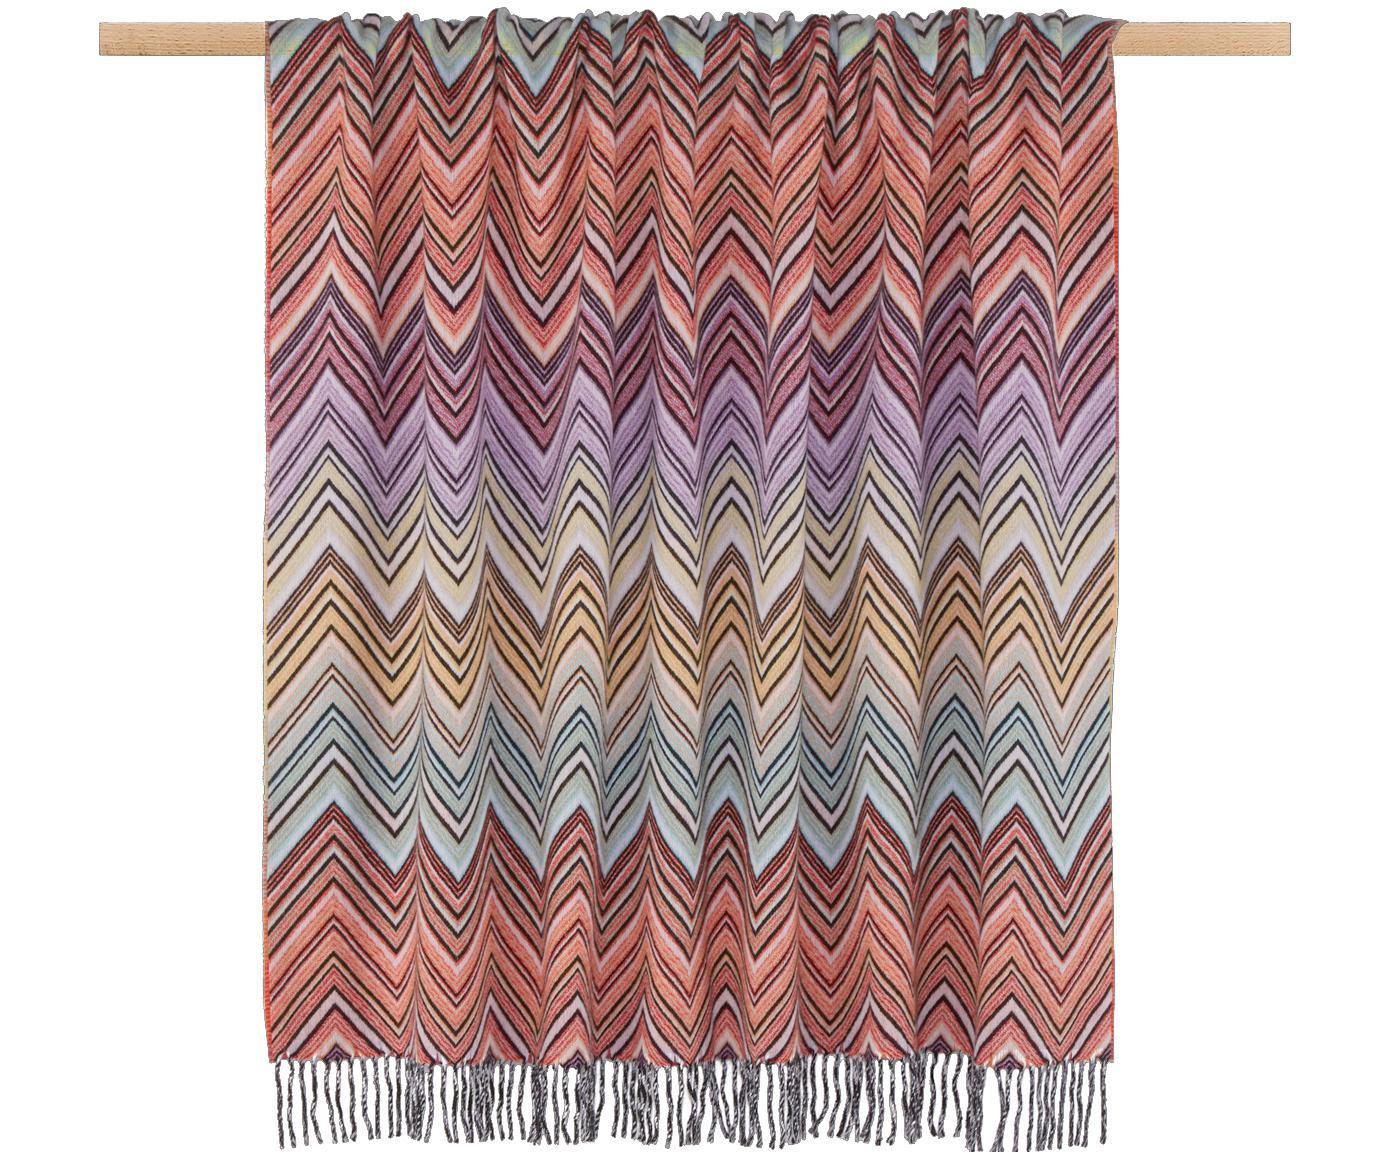 Designer Woll-Plaid Perseo mit Kaschmiranteil, 90% Wolle, 10% Kaschmir, Orange, Mehrfarbig, 130 x 190 cm